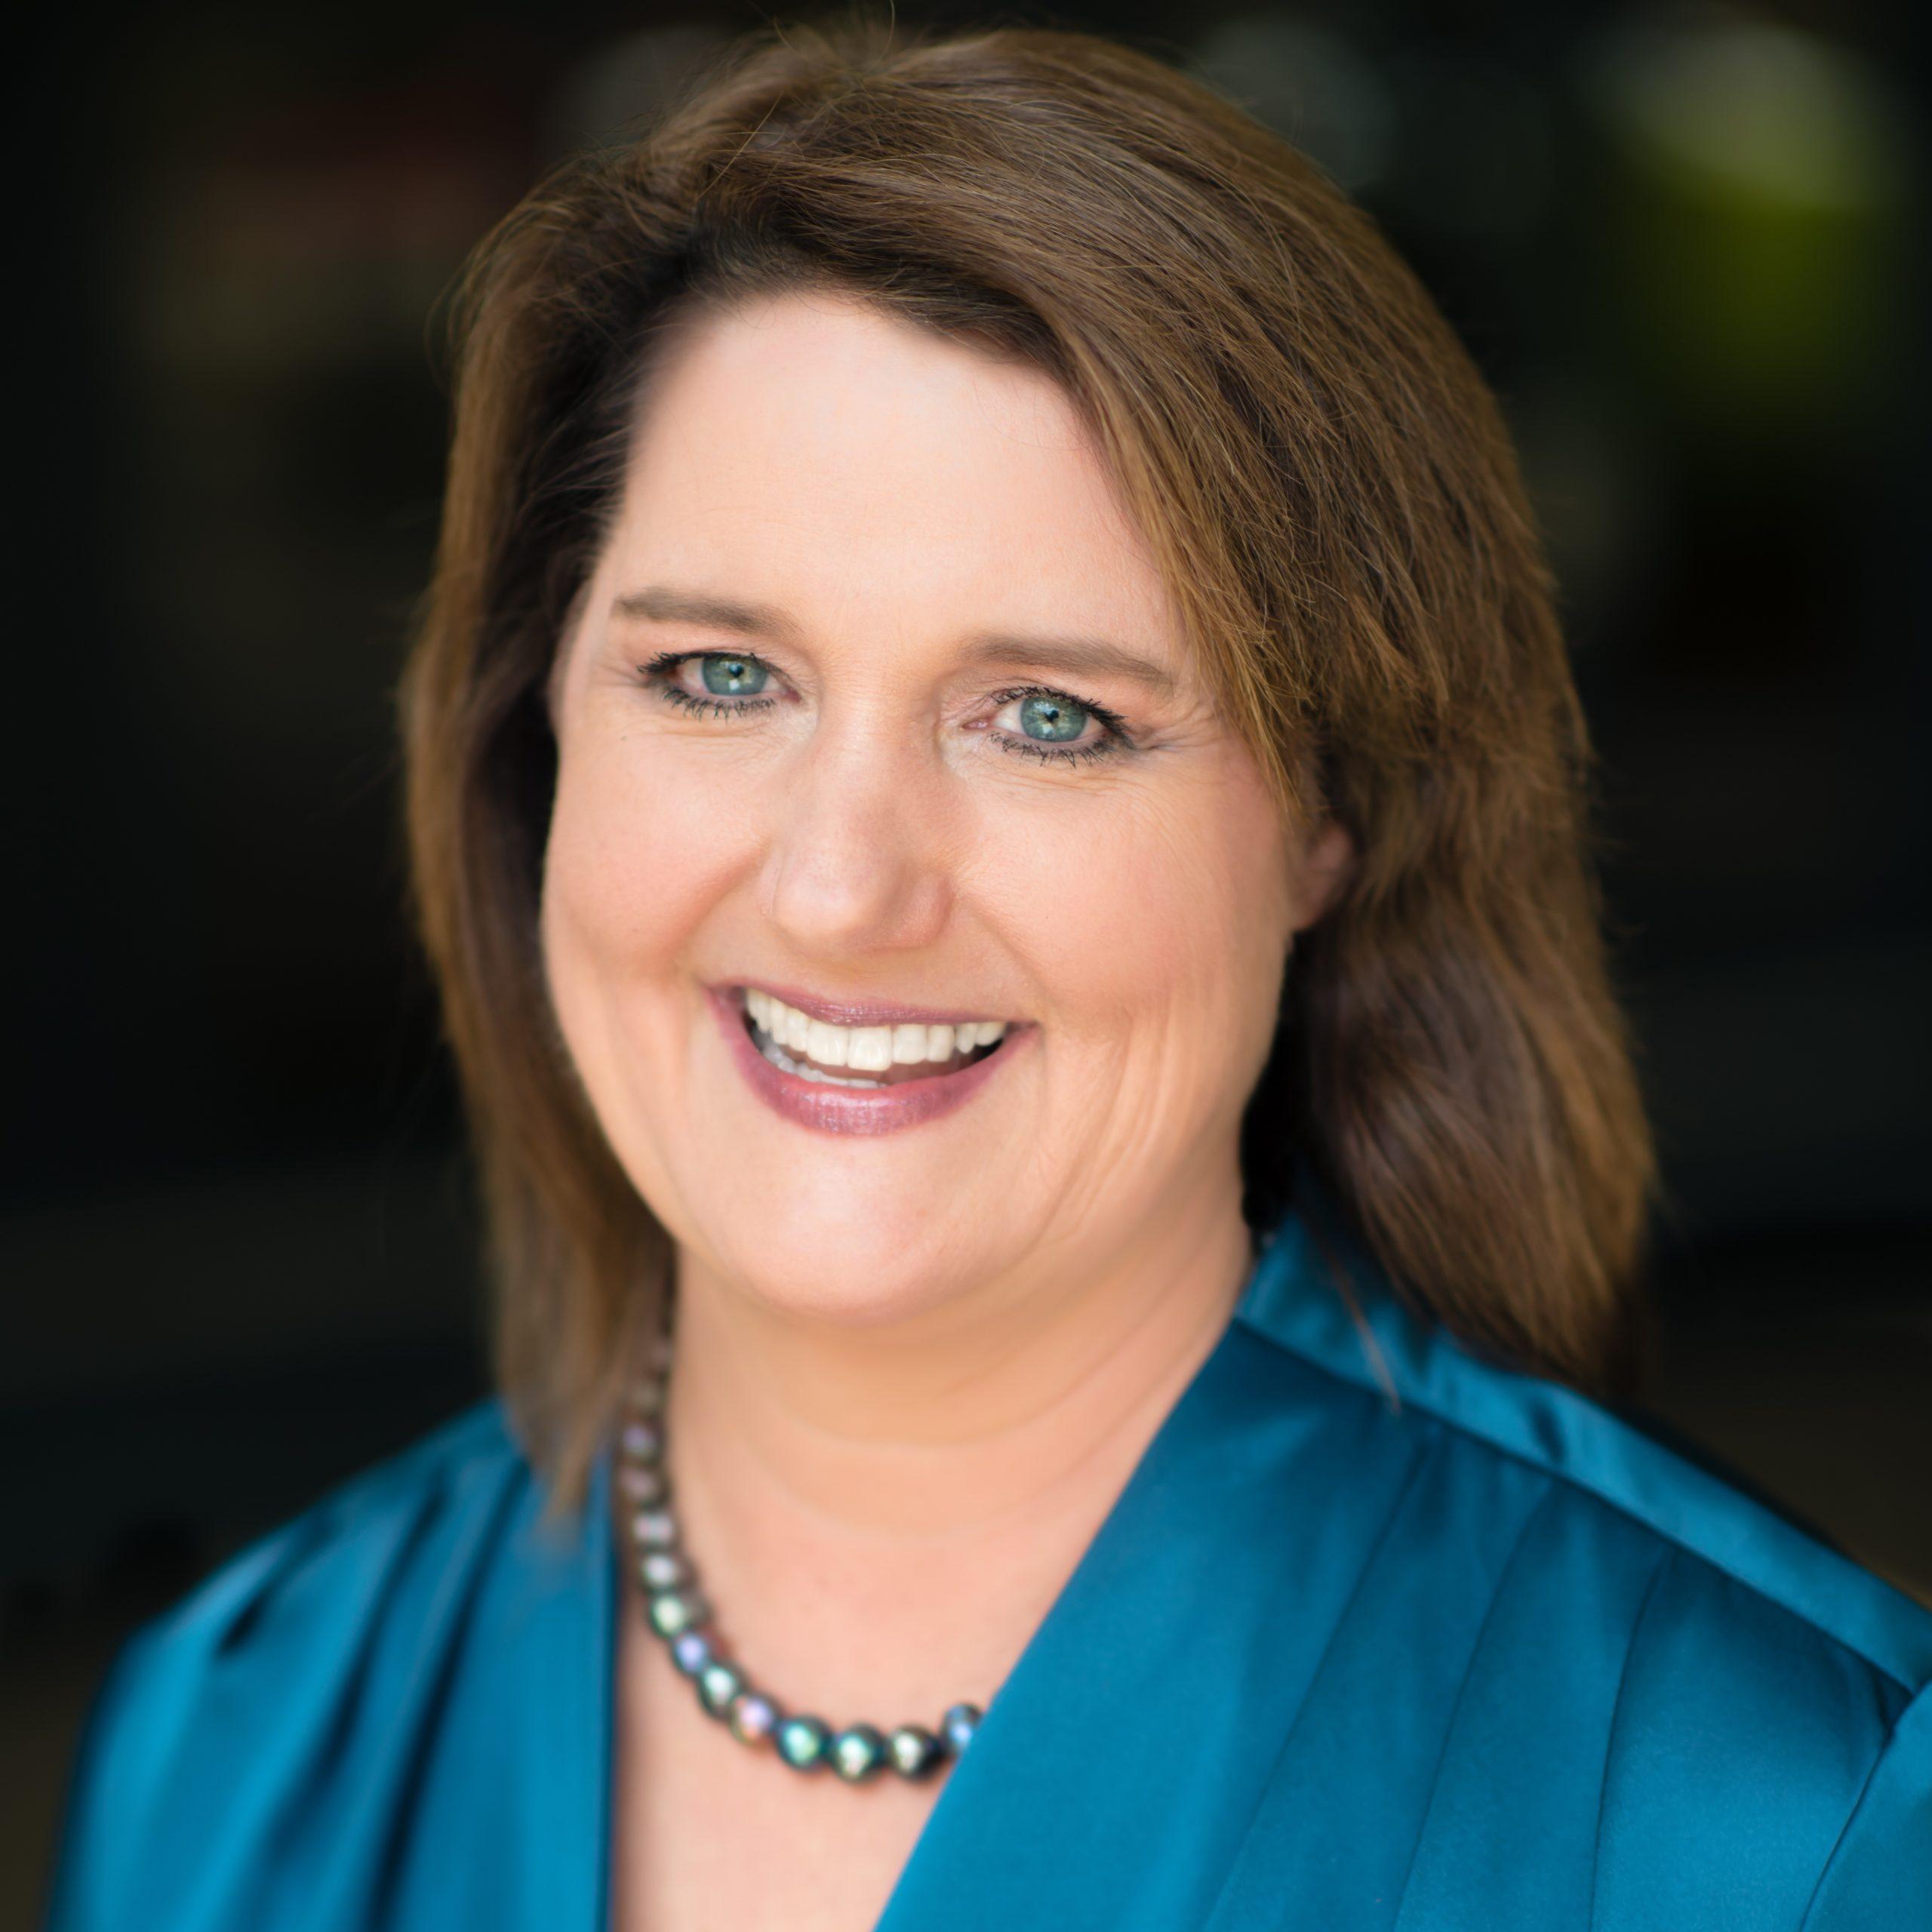 Linda Swindling, JD, CSP